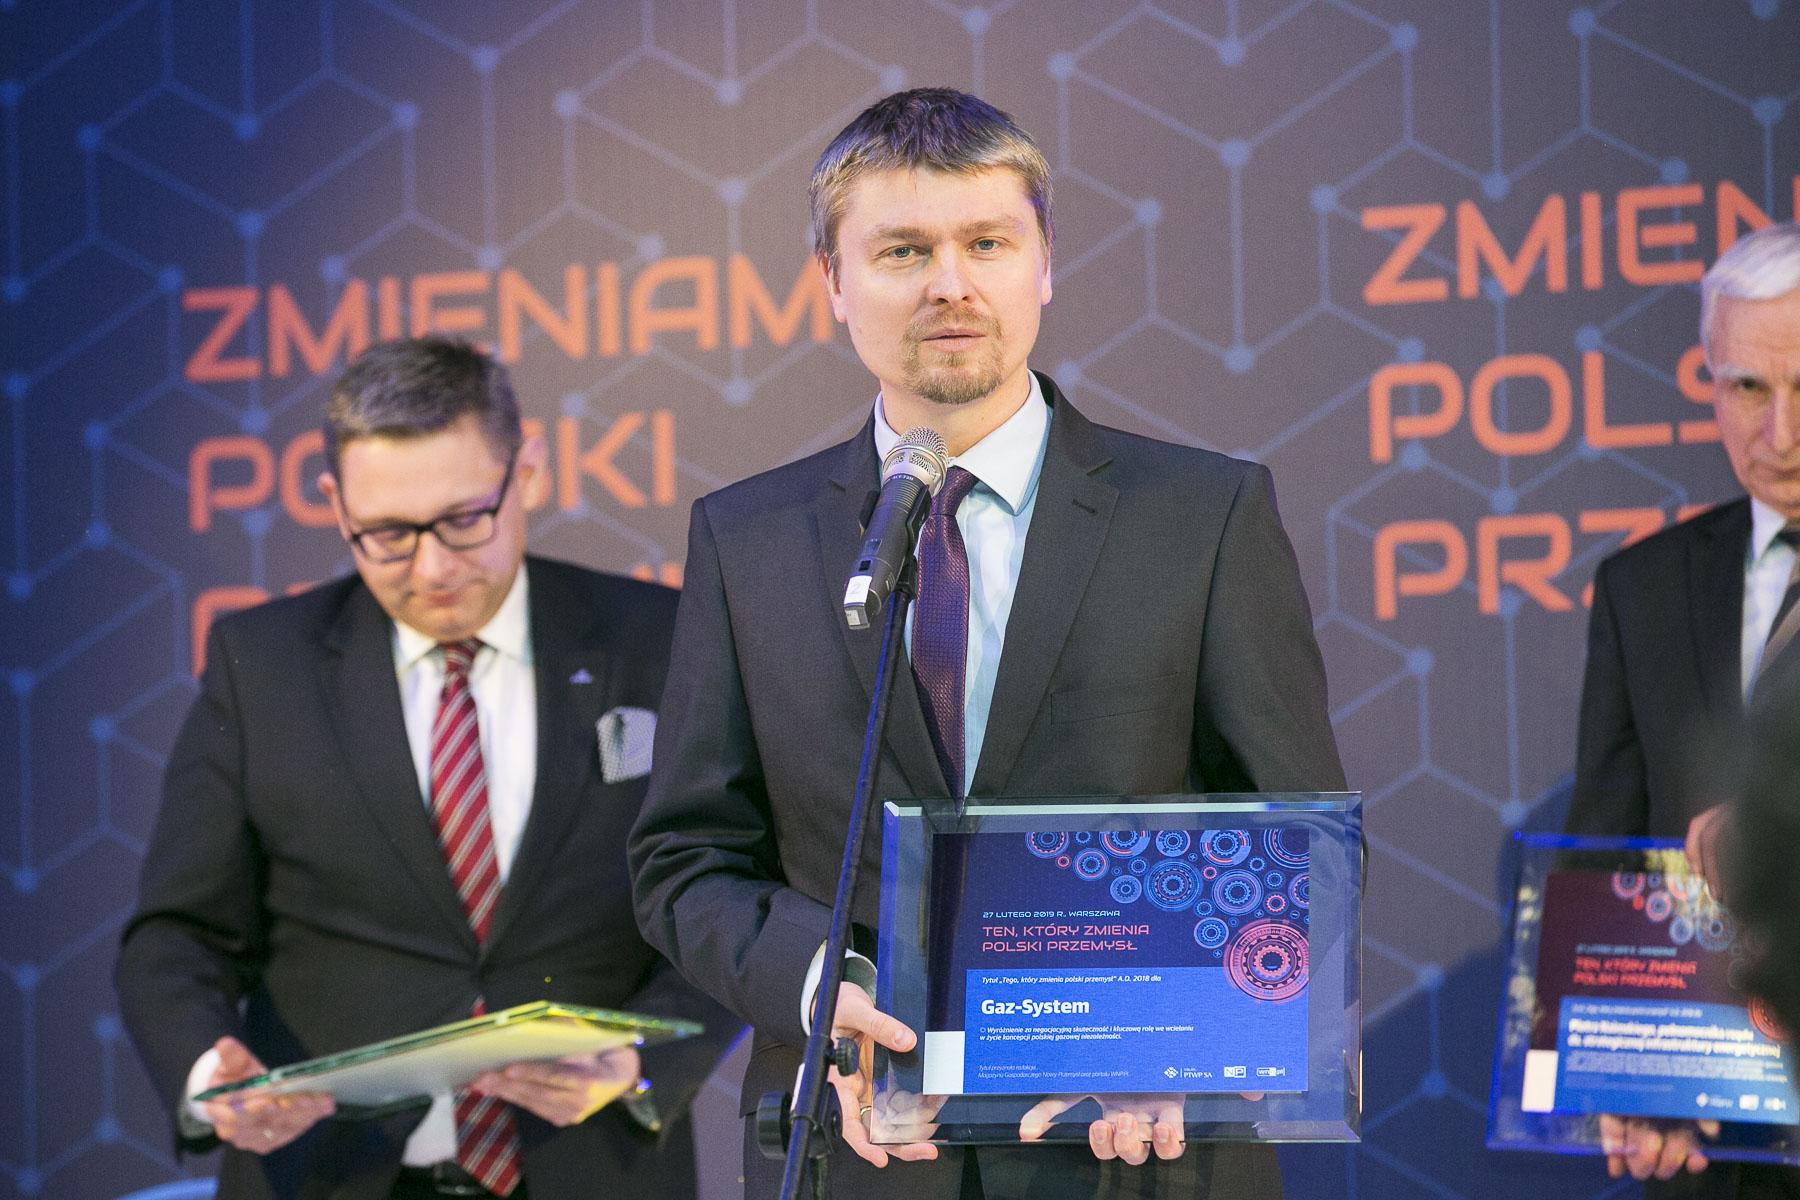 Prezes Gaz-Systemu Tomasz Stępień